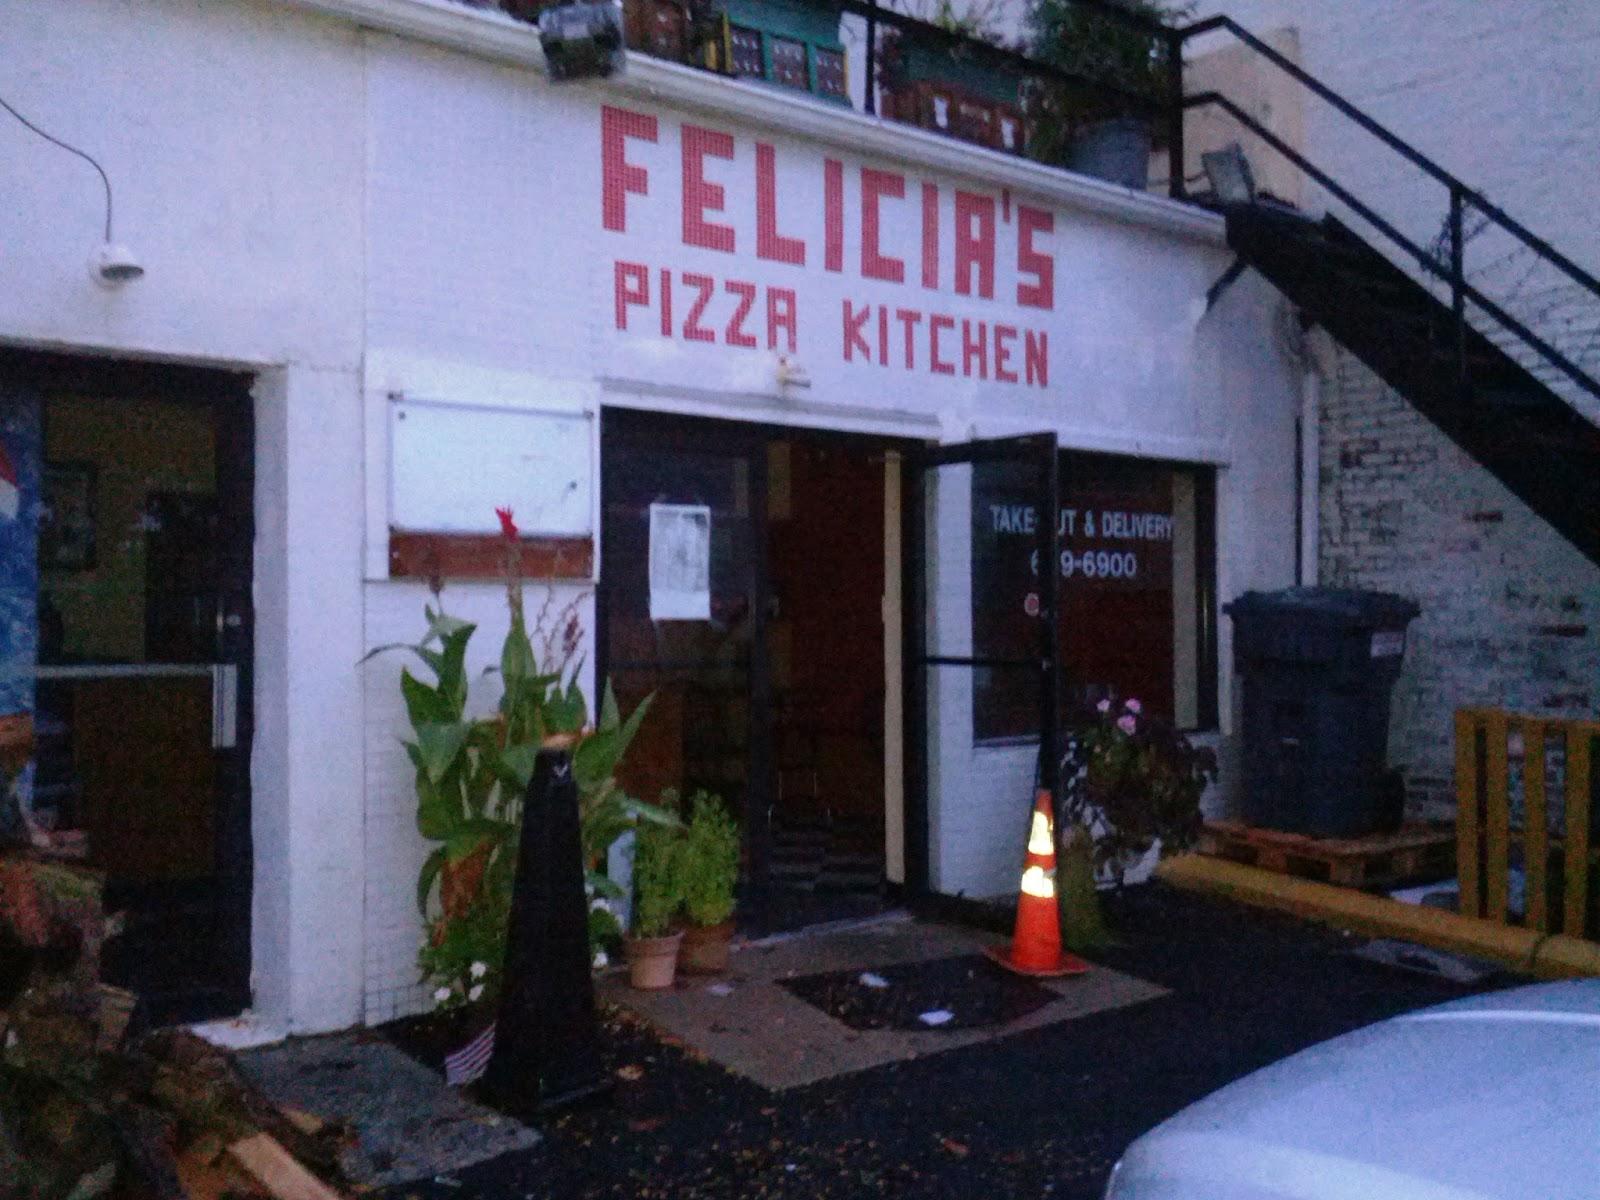 pizza quixote review felicia s pizza kitchen ardmore pa